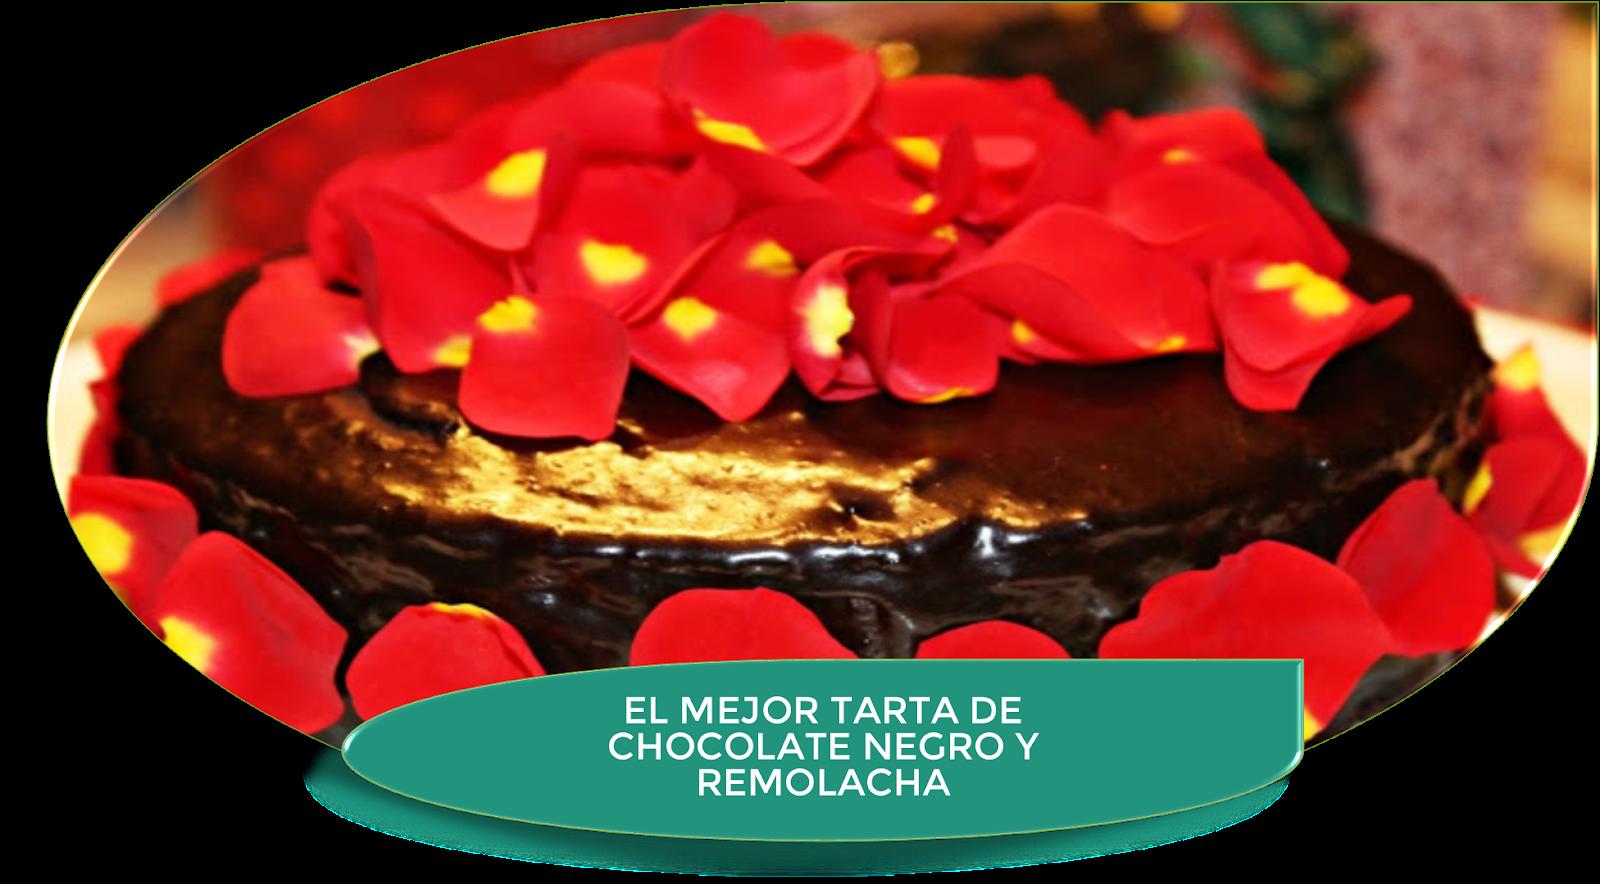 LA MEJOR TARTA DE CHOCOLATE NEGRO Y REMOLACHA {MUY RICA}